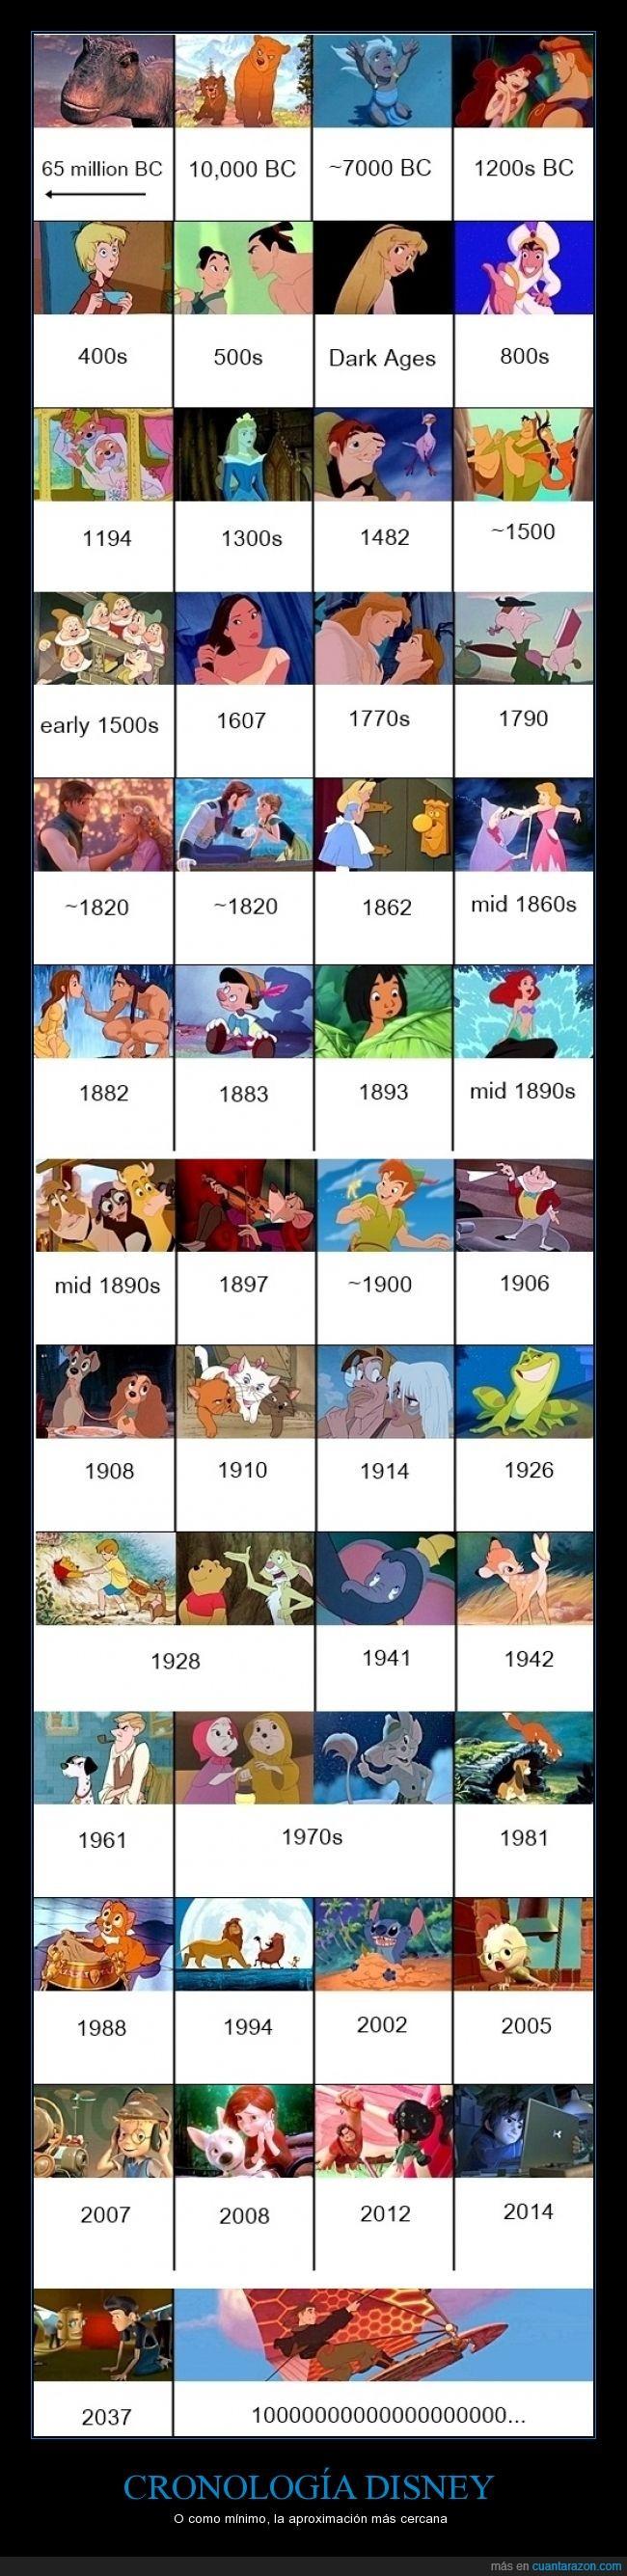 Poniendo orden a la cronología de Disney - O como mínimo, la aproximación más cercana